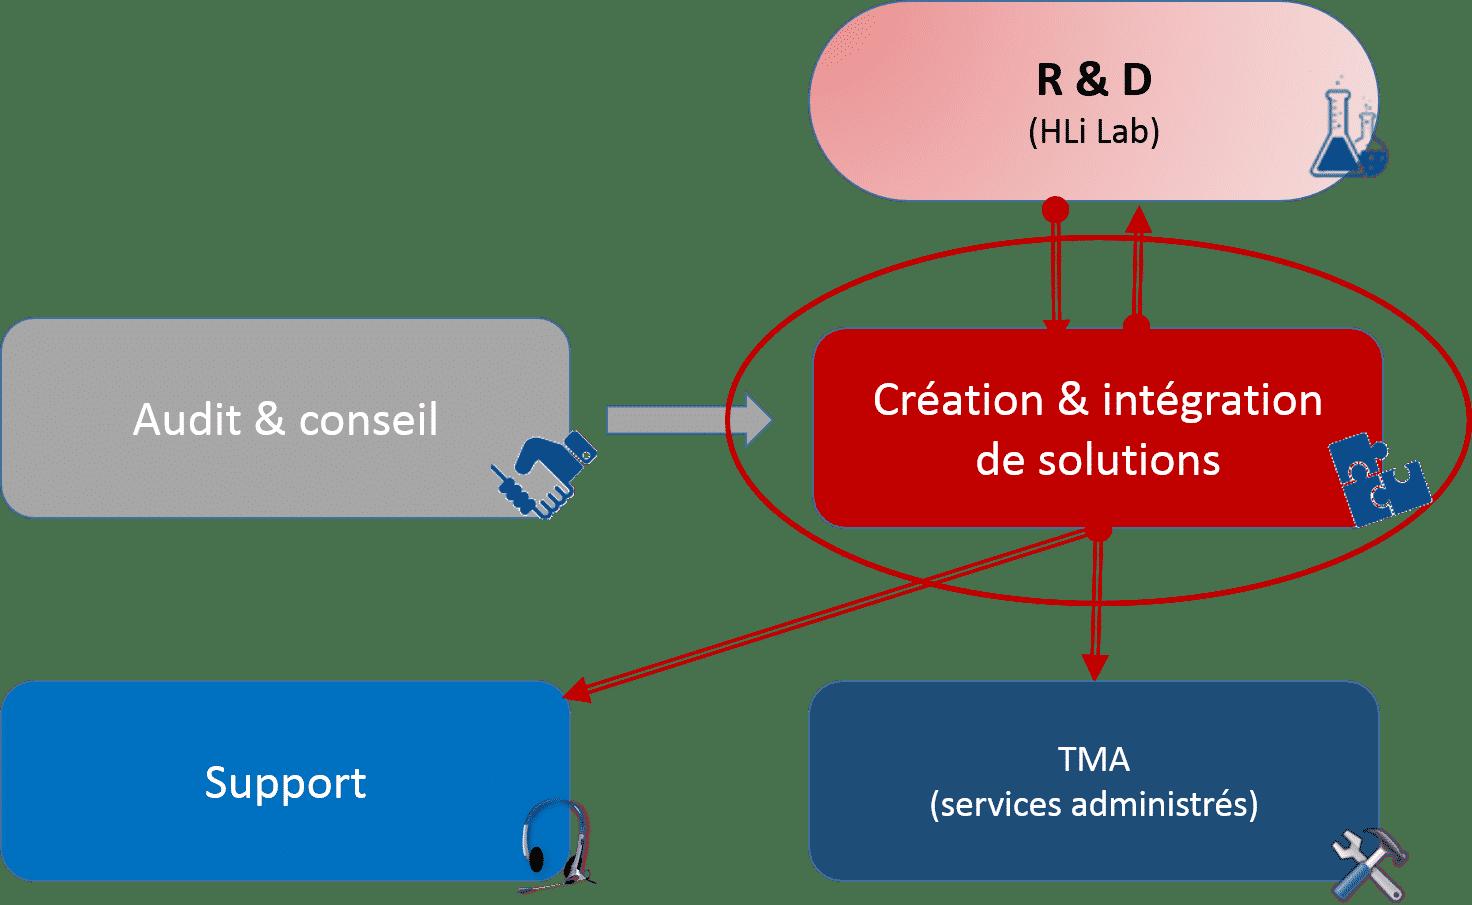 Création et intégration de solutions - Groupe HLi